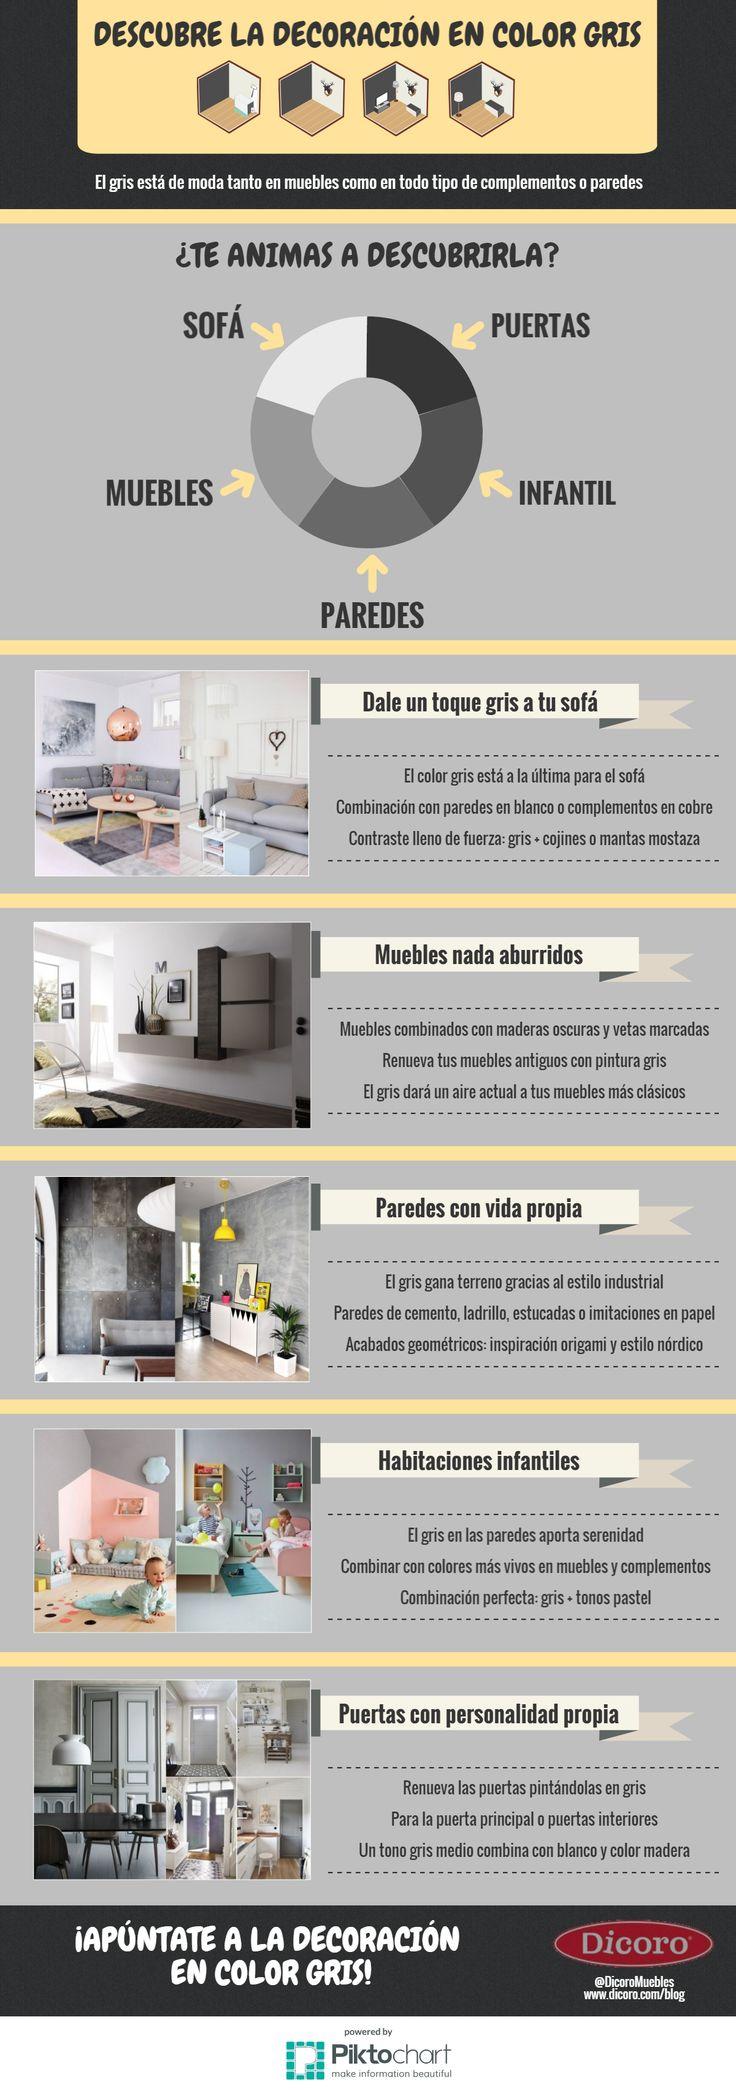 Descubre la decoración en color gris. #infografía